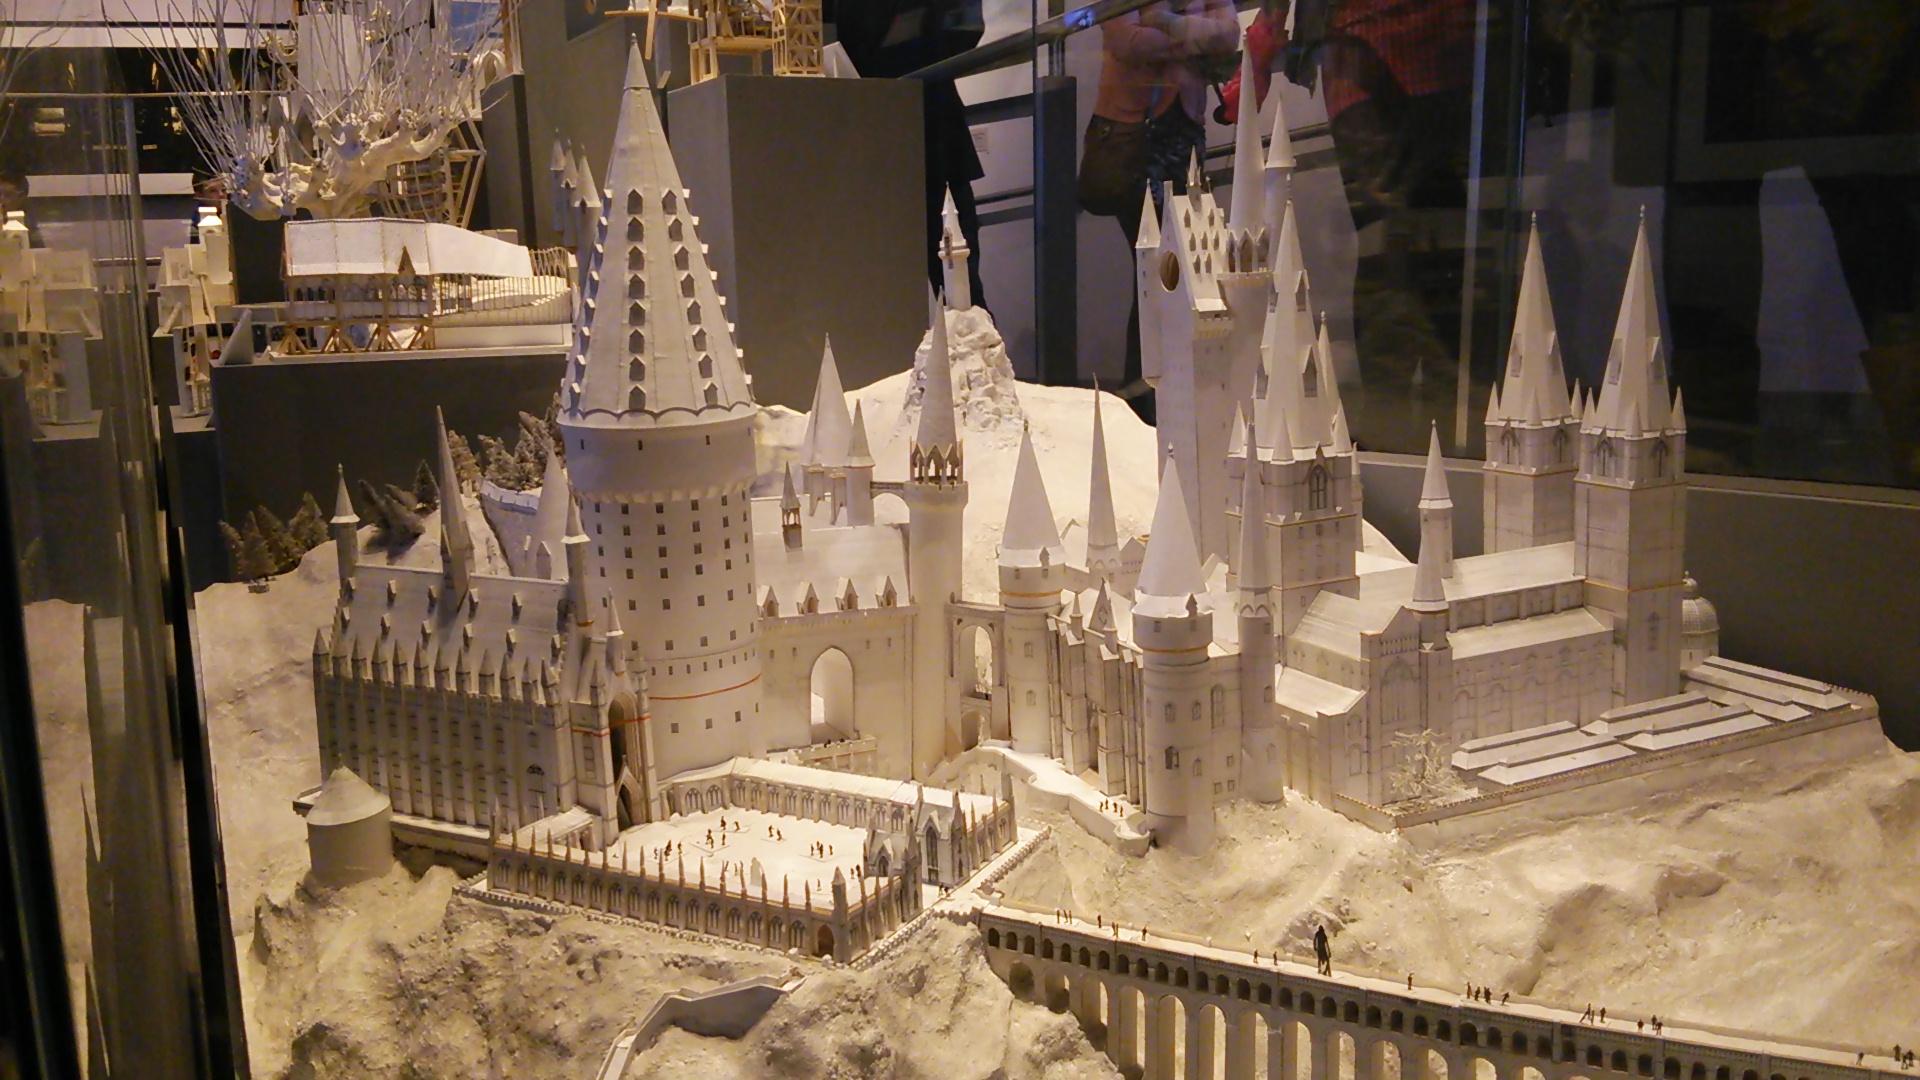 ホグワーツの建物と模型